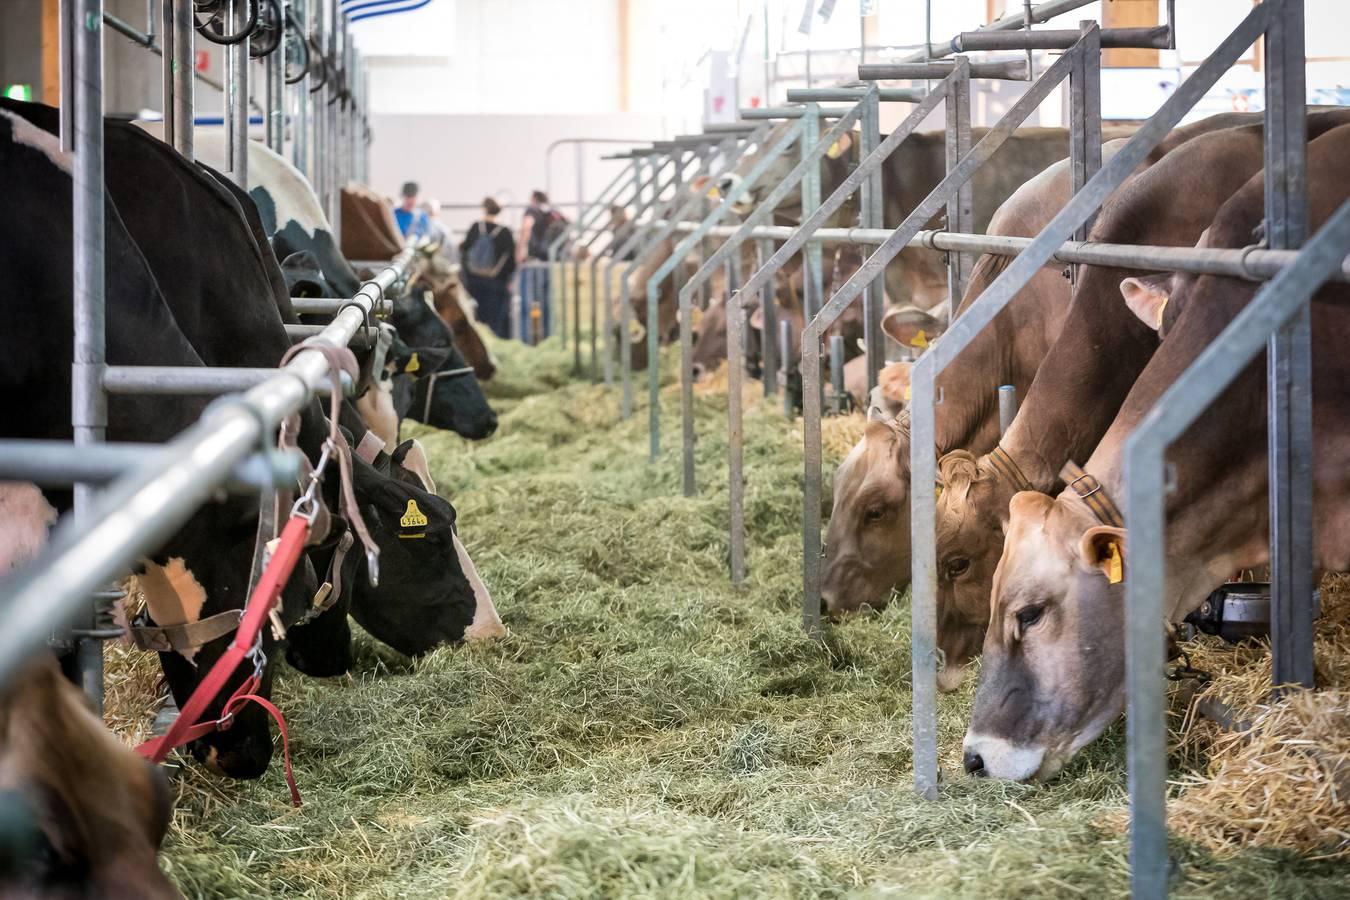 Typische Impression der Schweizer Messe für Landwirtschaft und Ernährung. (© Michael Huwiler)